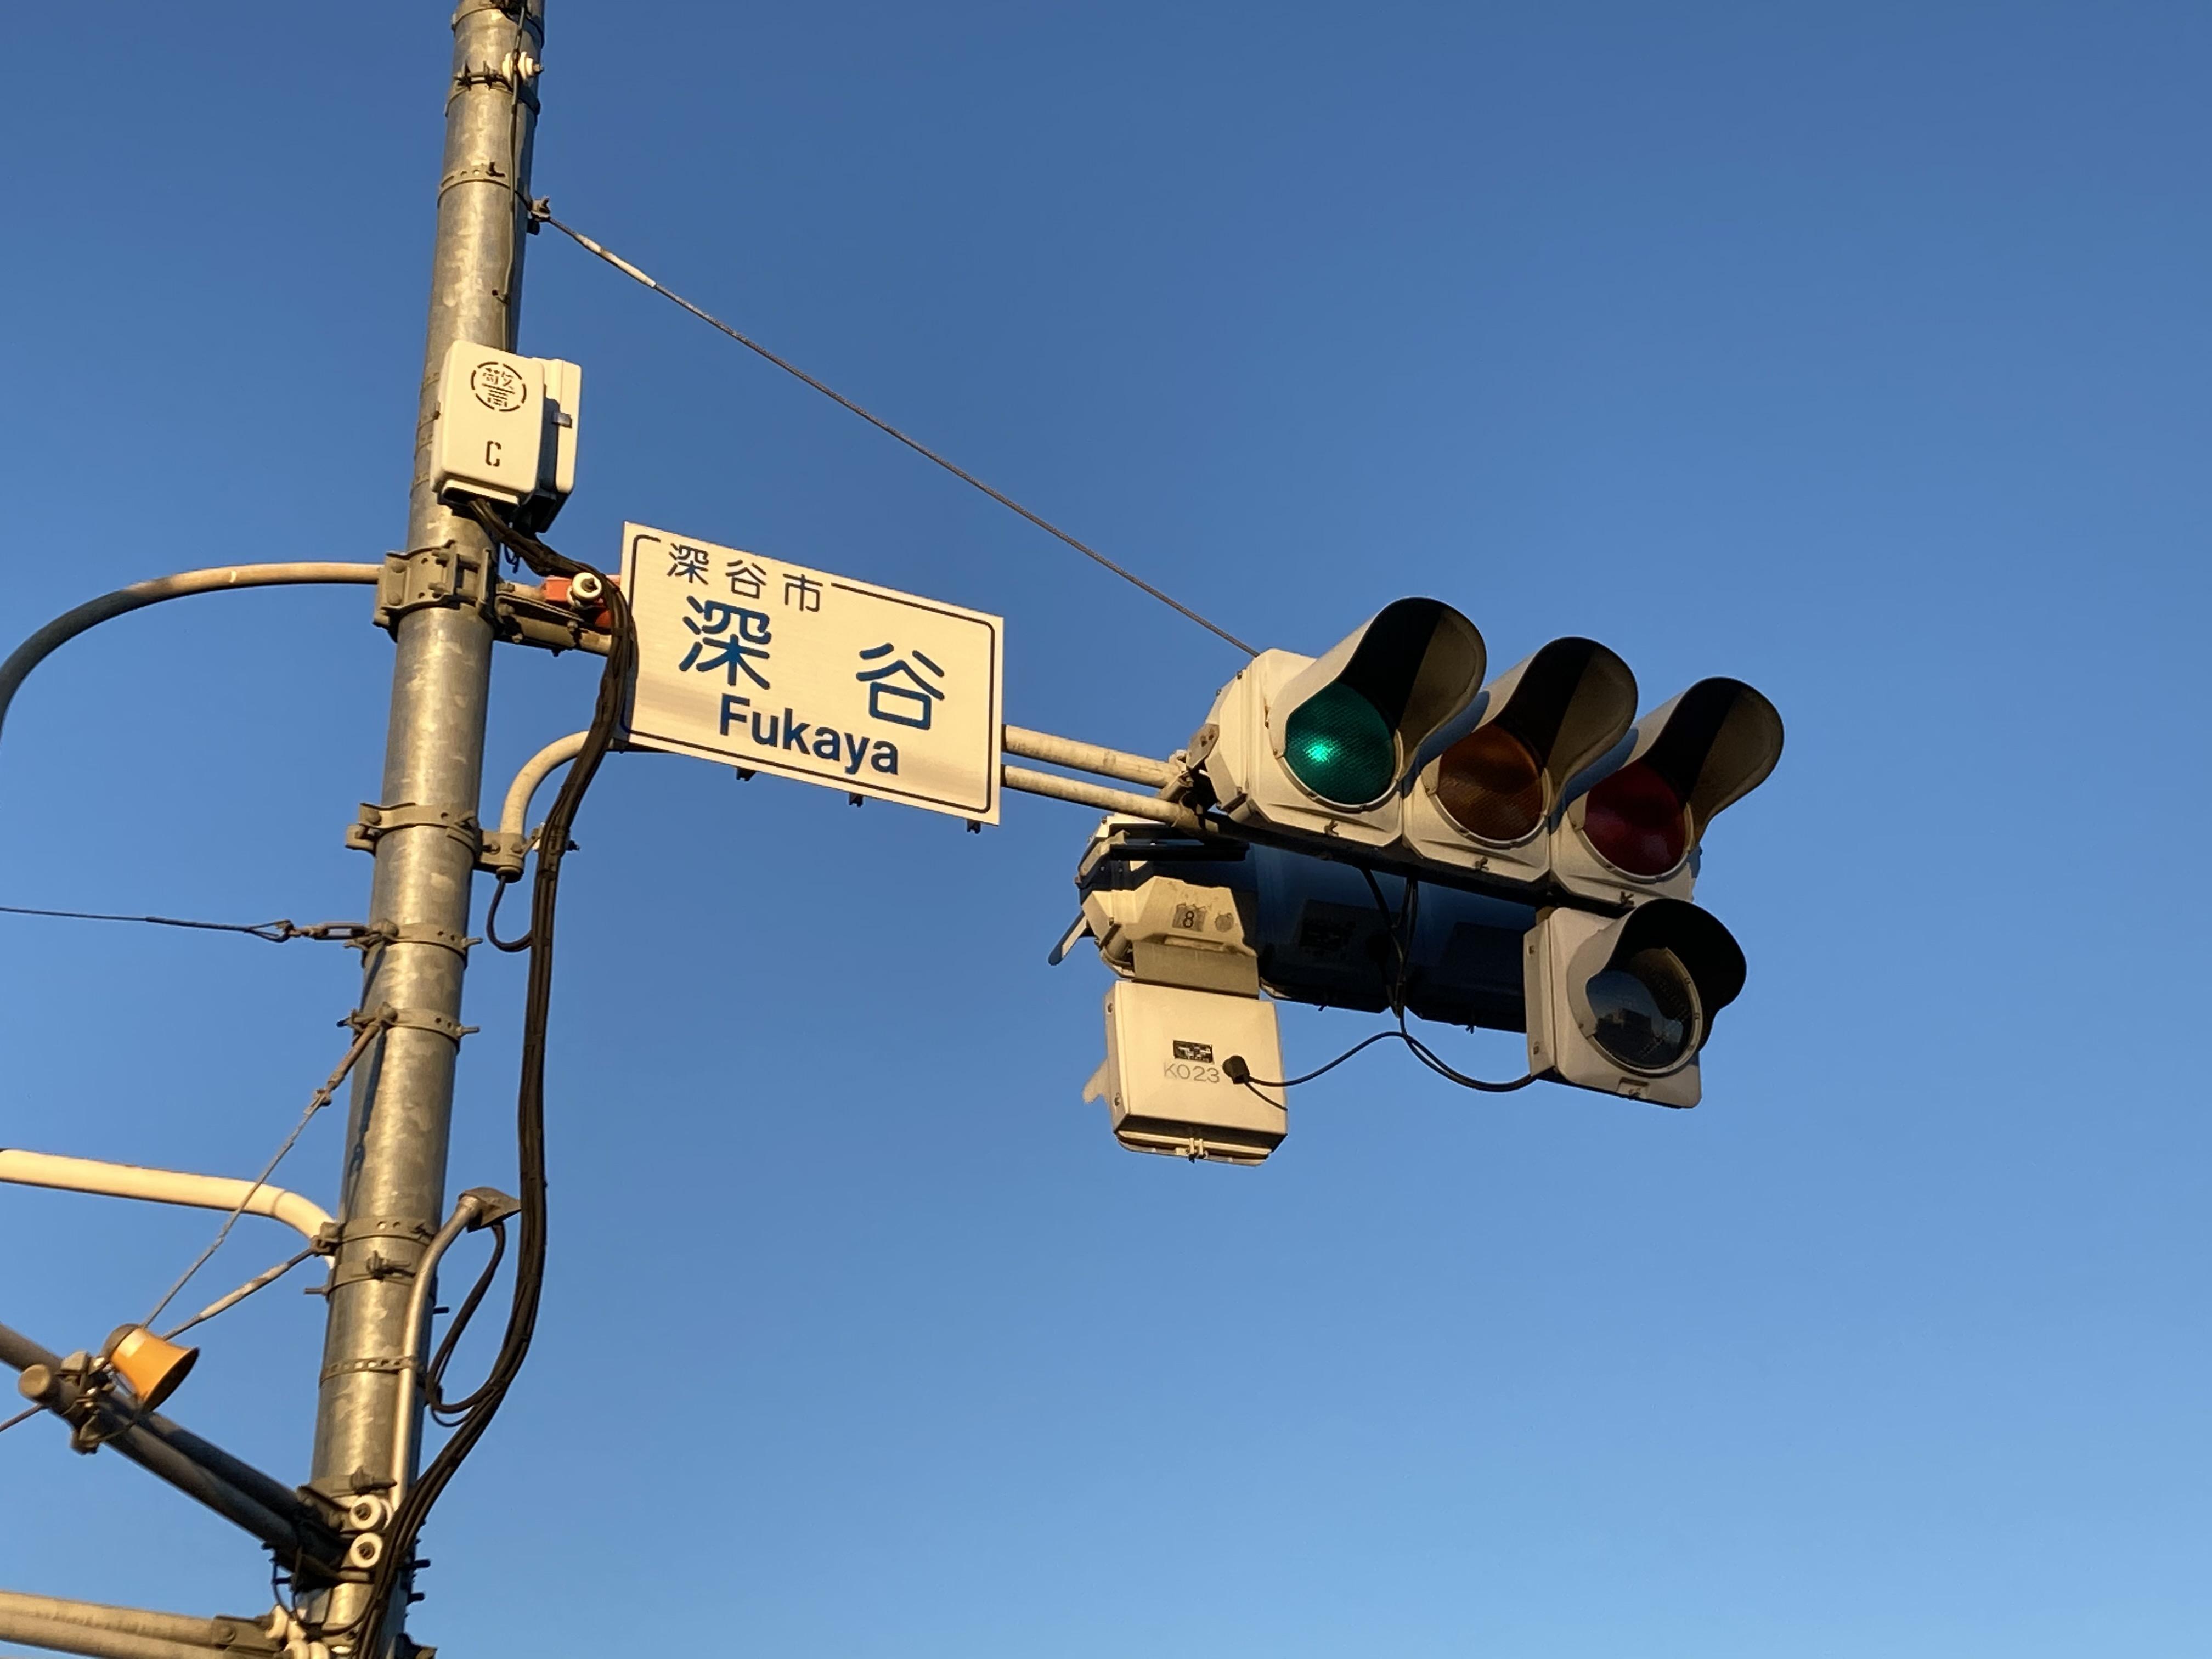 深谷市の信号 深谷